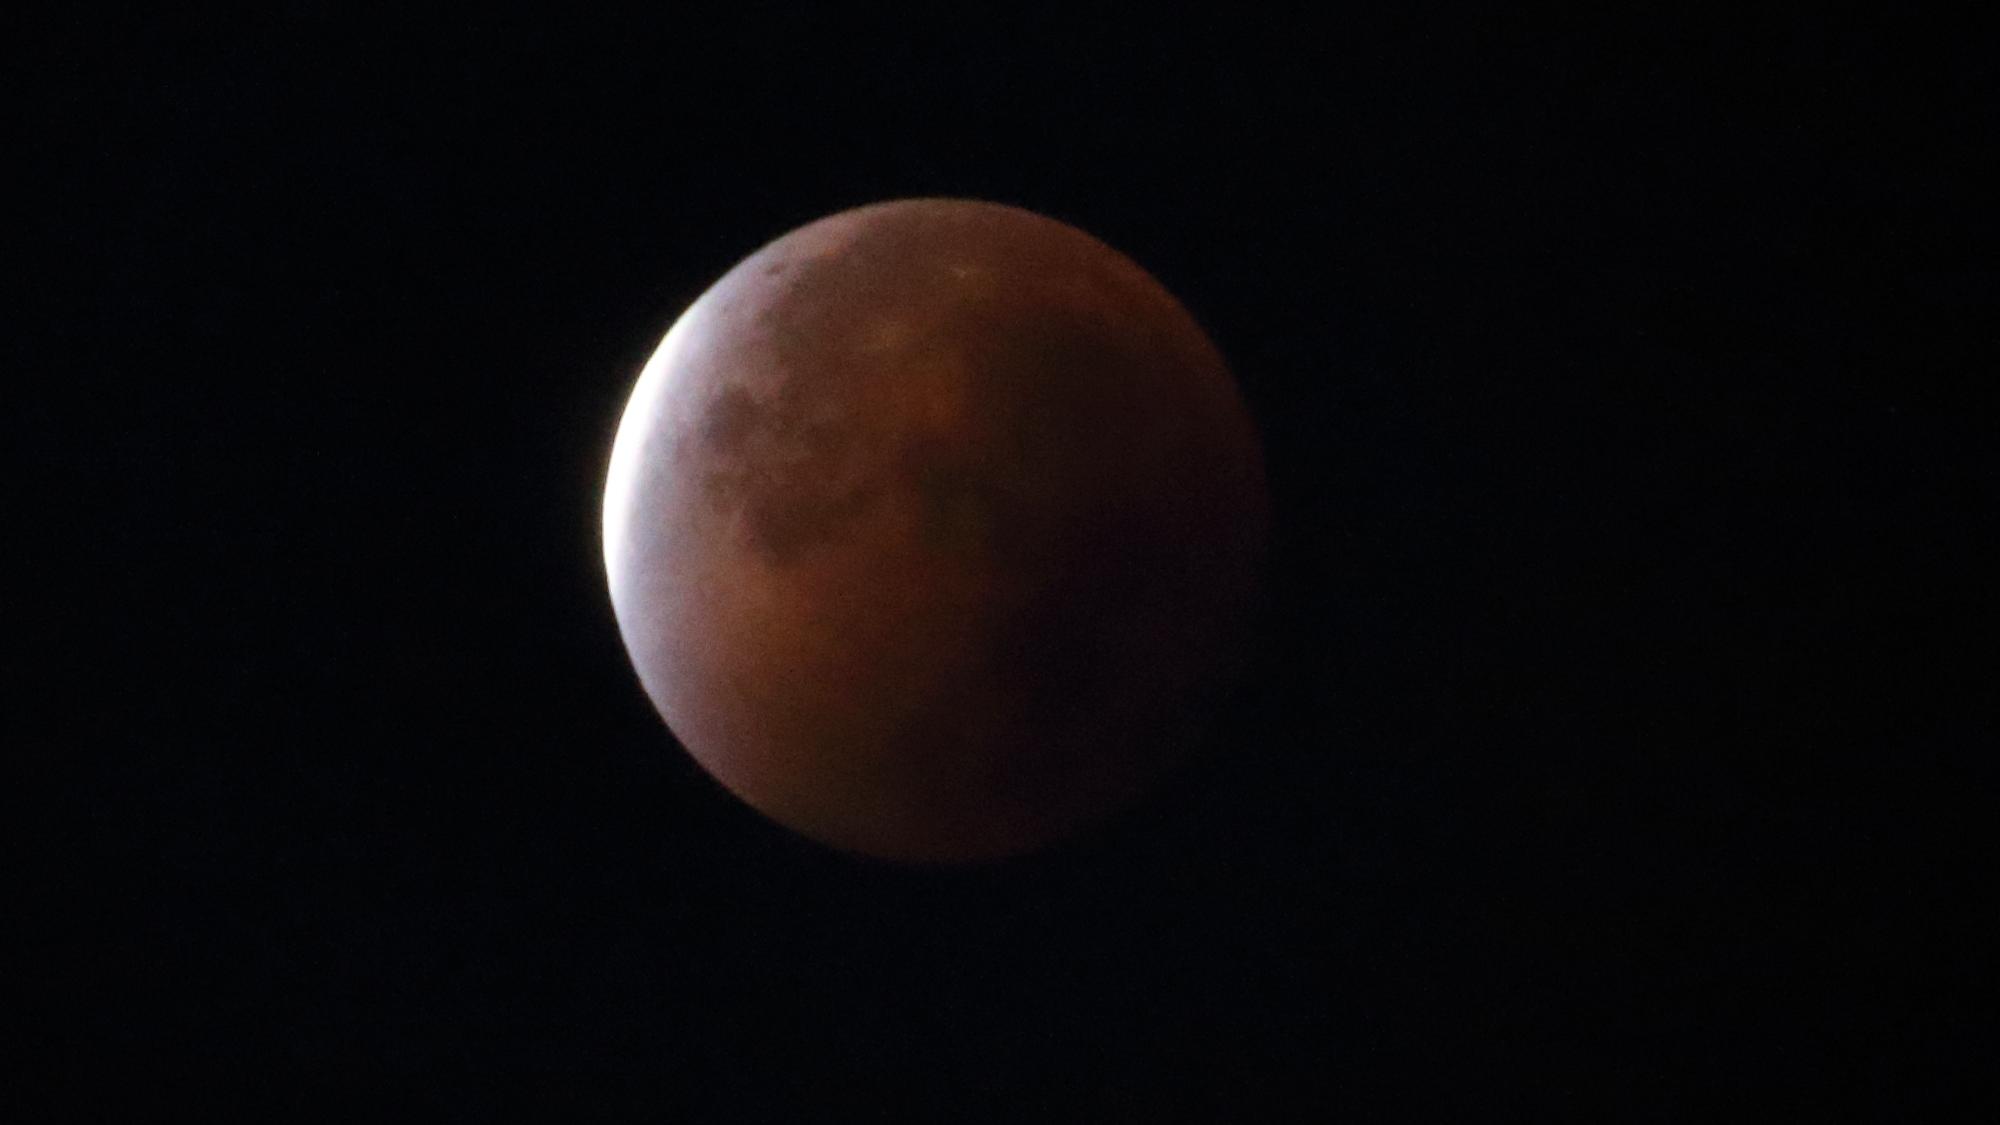 Mondfinsternis vom 28. September 2015, kurz nach Ende der totalen Finsternis (eigenes Foto)